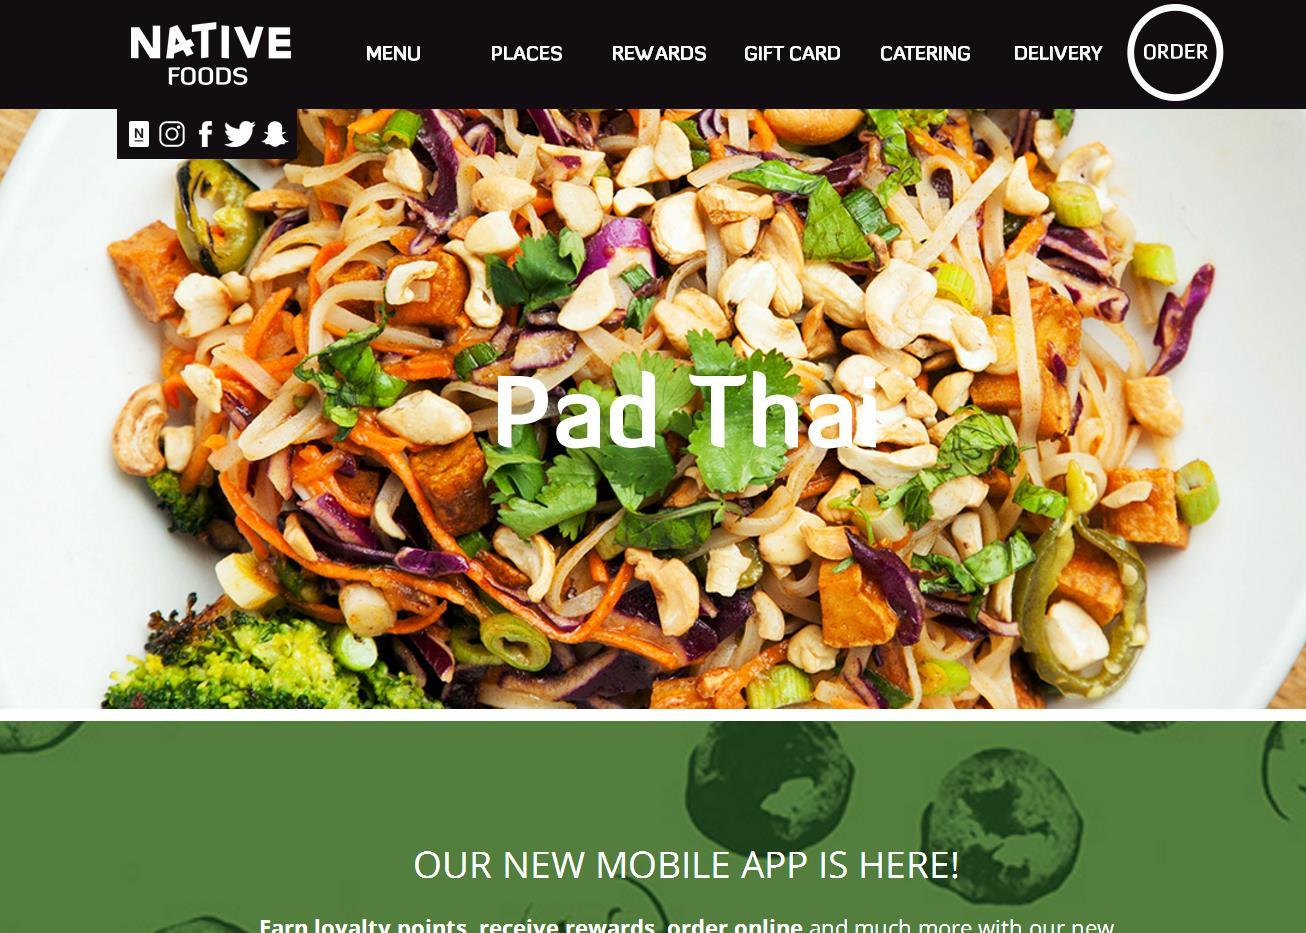 私募基金 Millstone 收购美国素食连锁餐厅 Native Foods Café